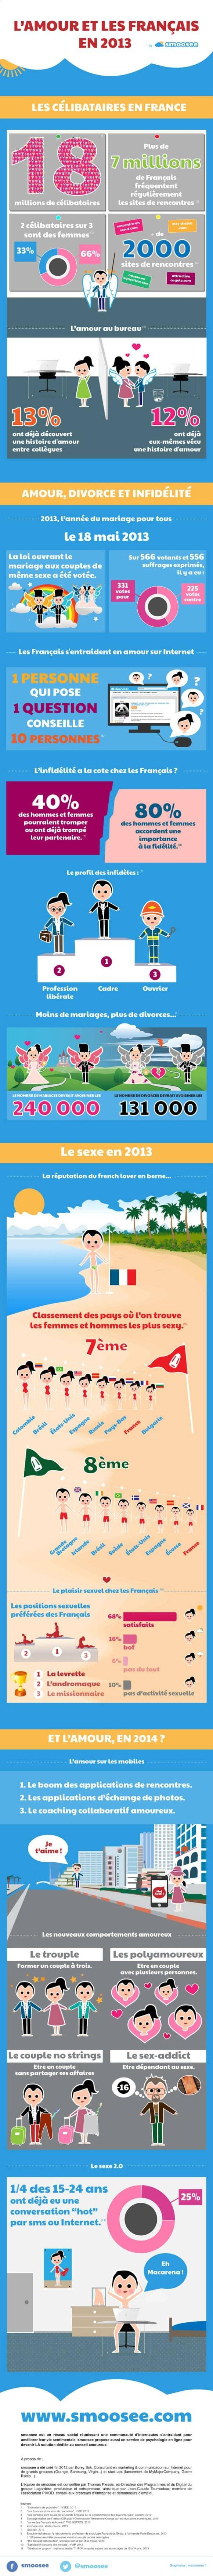 les français l'amour et le sexe statistiques infographie